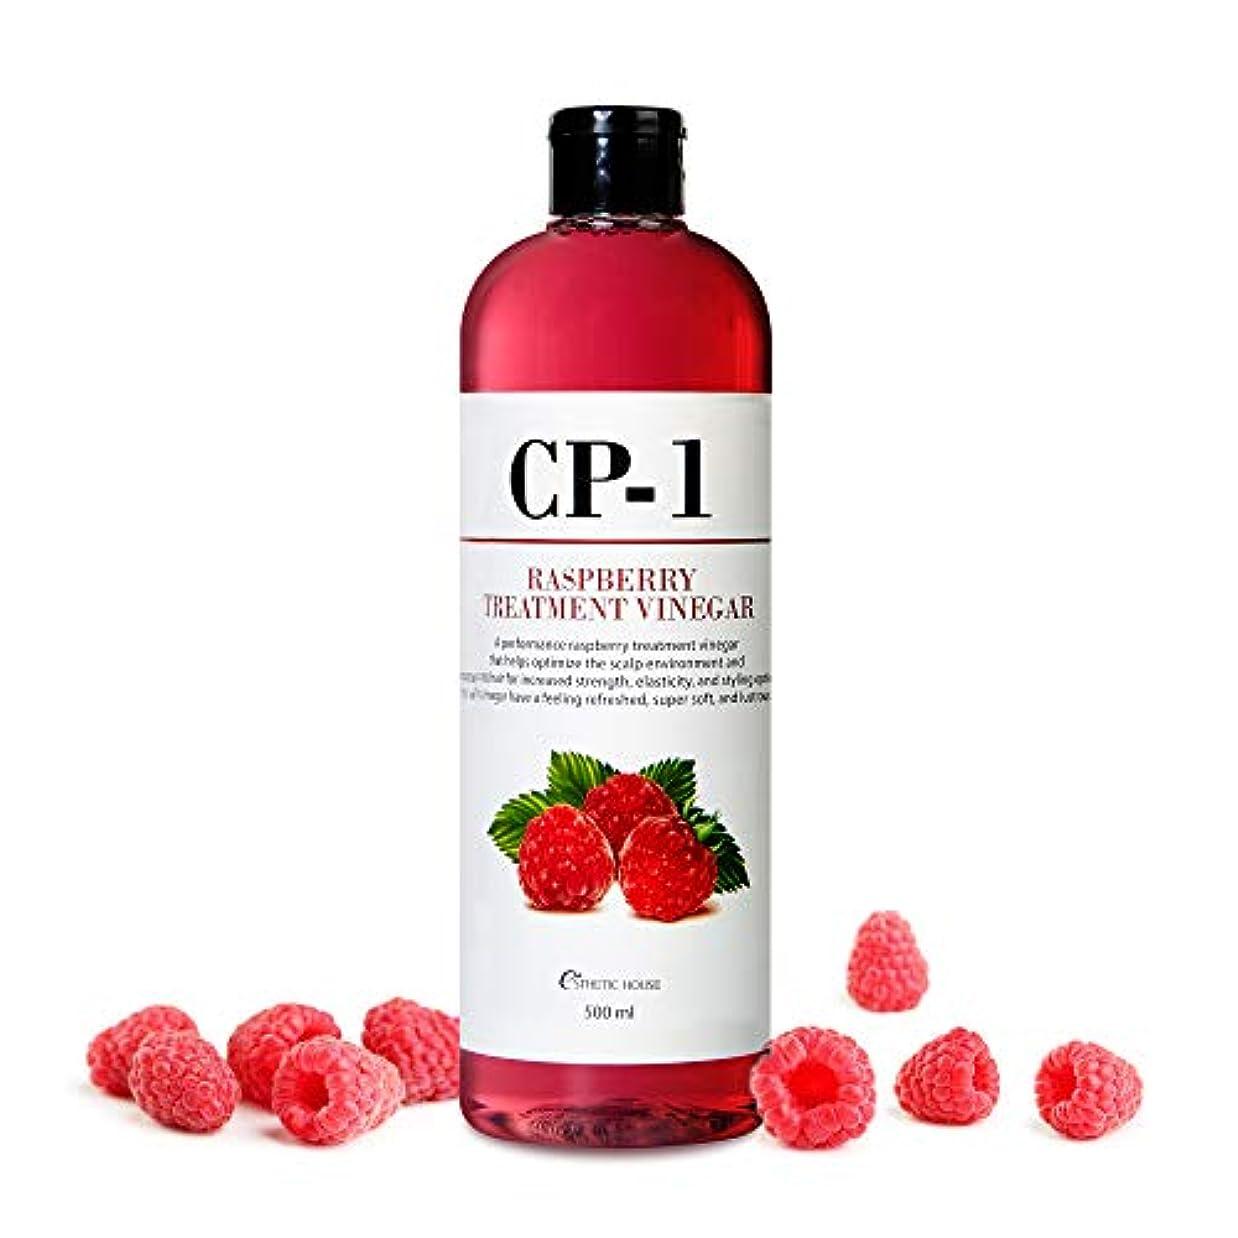 読書ランタン宇宙エステティックハウス[Esthetic House] CP-1 ラズベリートリートメントビネガー500ml (なだめるような)/ Rasberry Treatment Vinegar